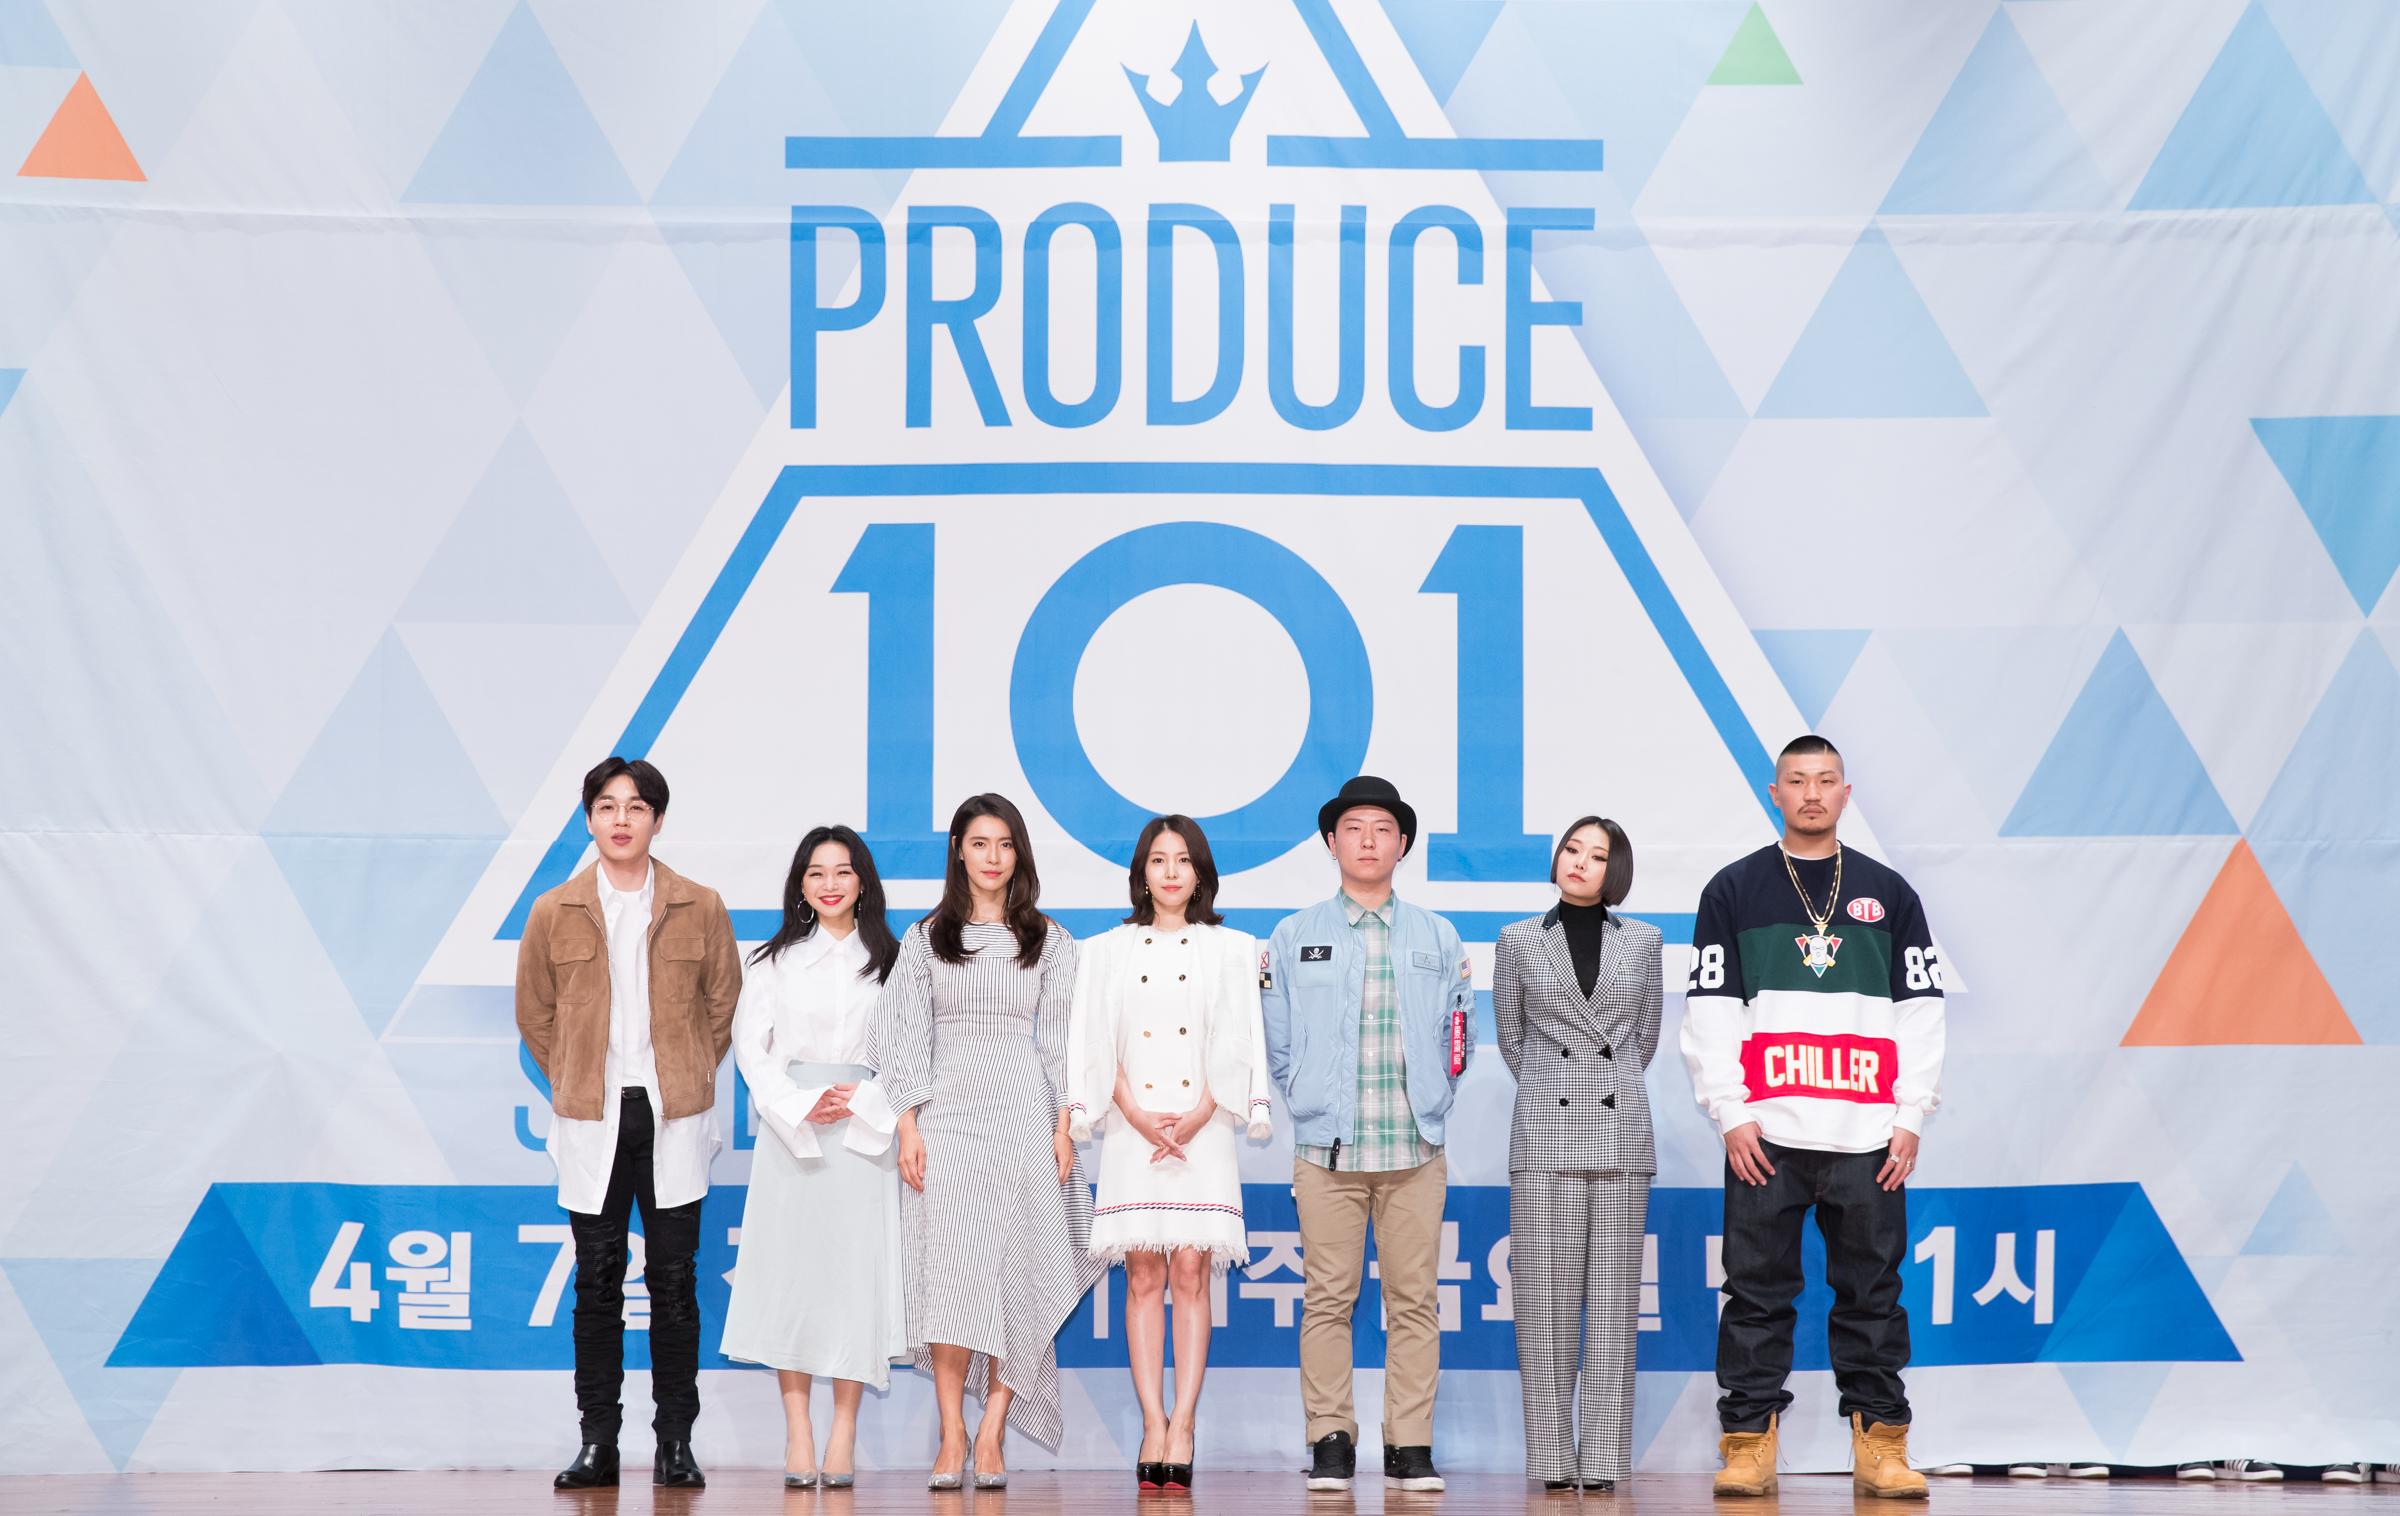 시청자가 '픽'한 <프로듀스101> 시즌2! 콘텐츠영향력도 '나야 나'